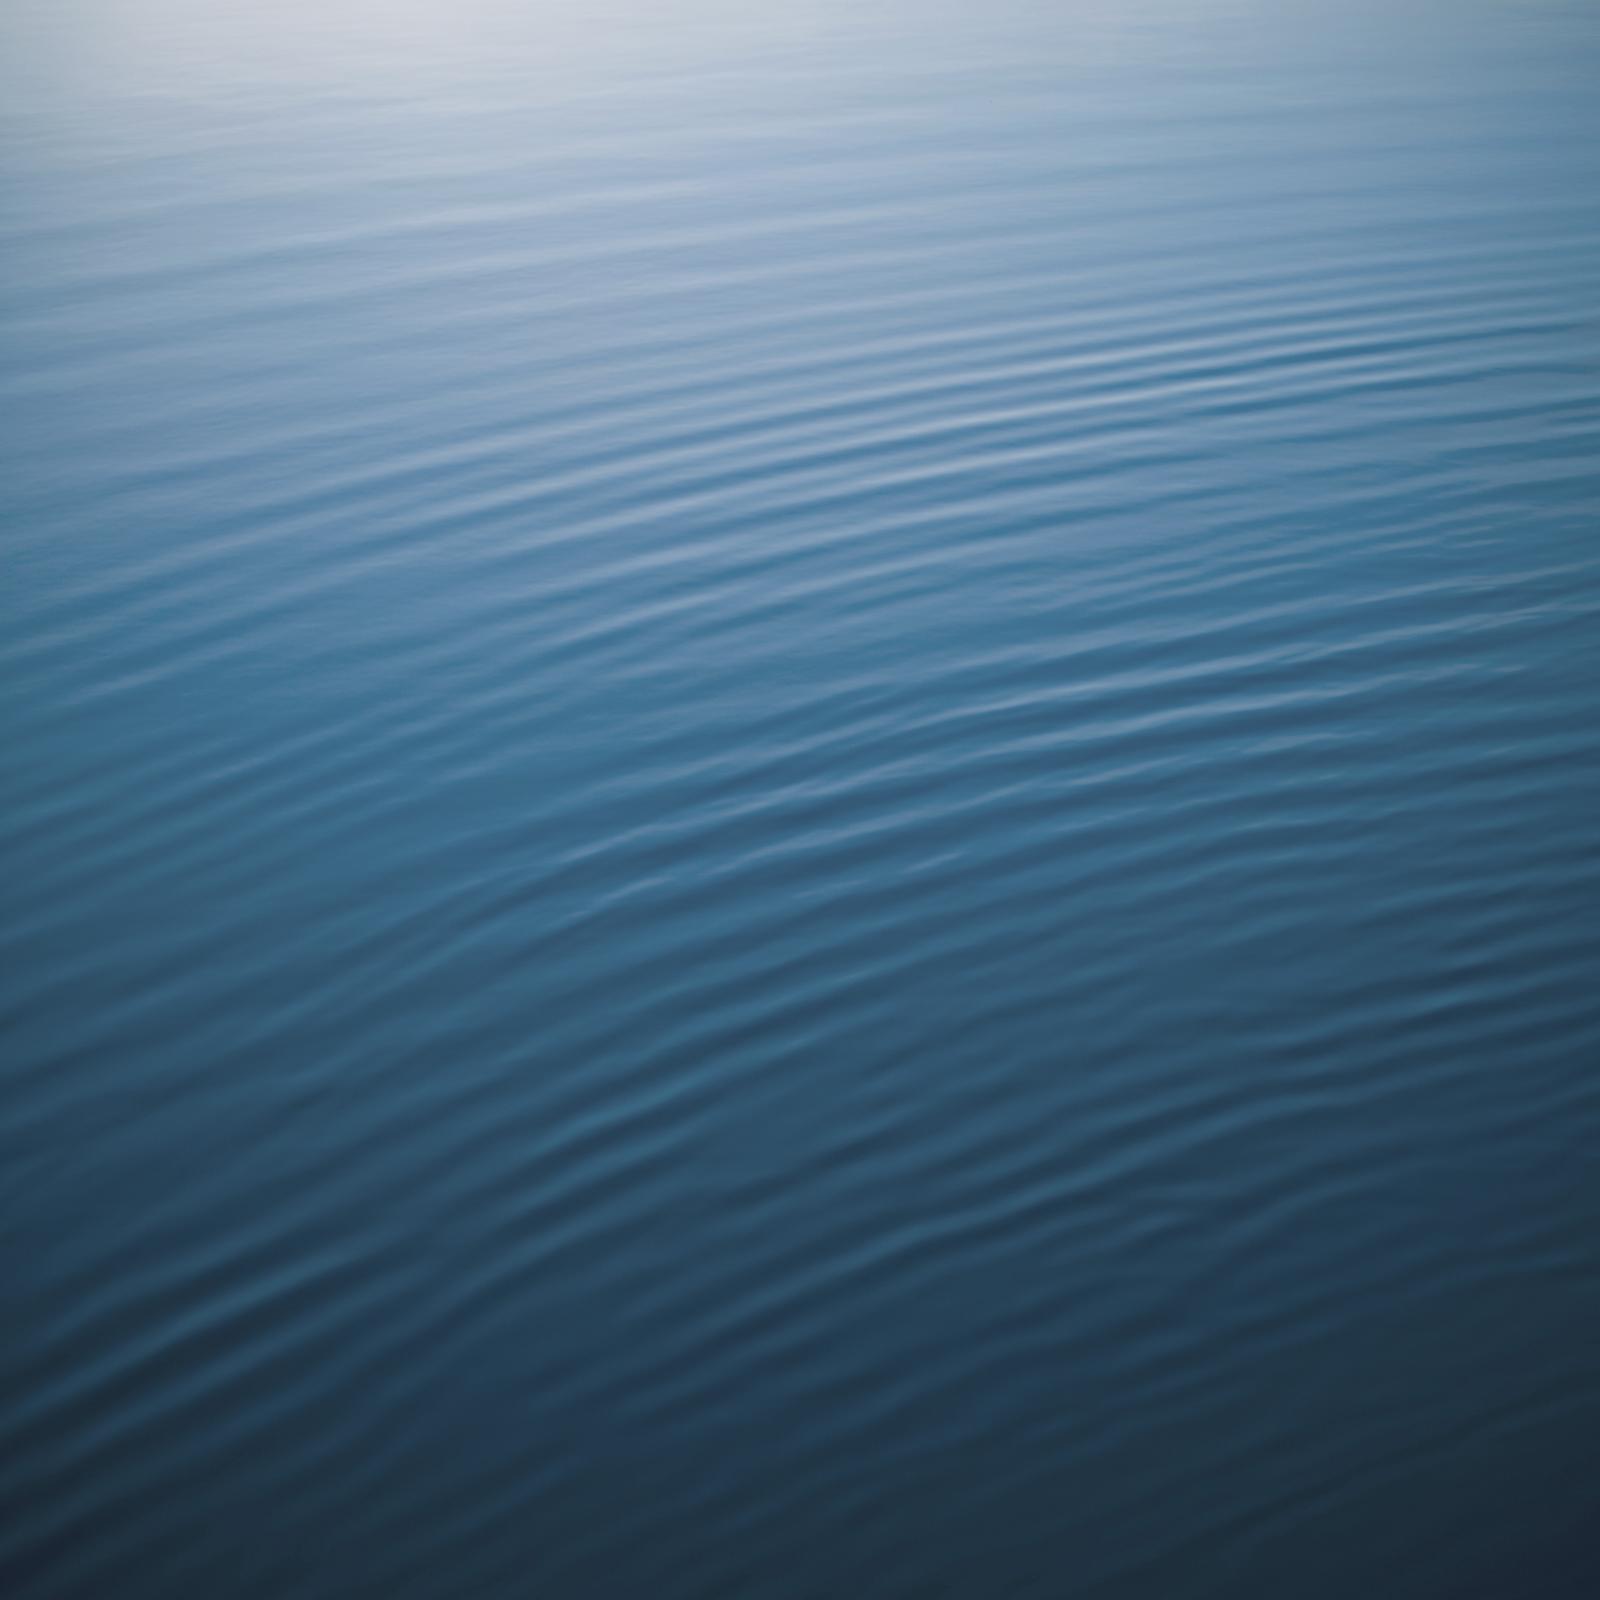 sobre los idevice wallpaper hd ios rain drops hd wallpaper download 1600x1600